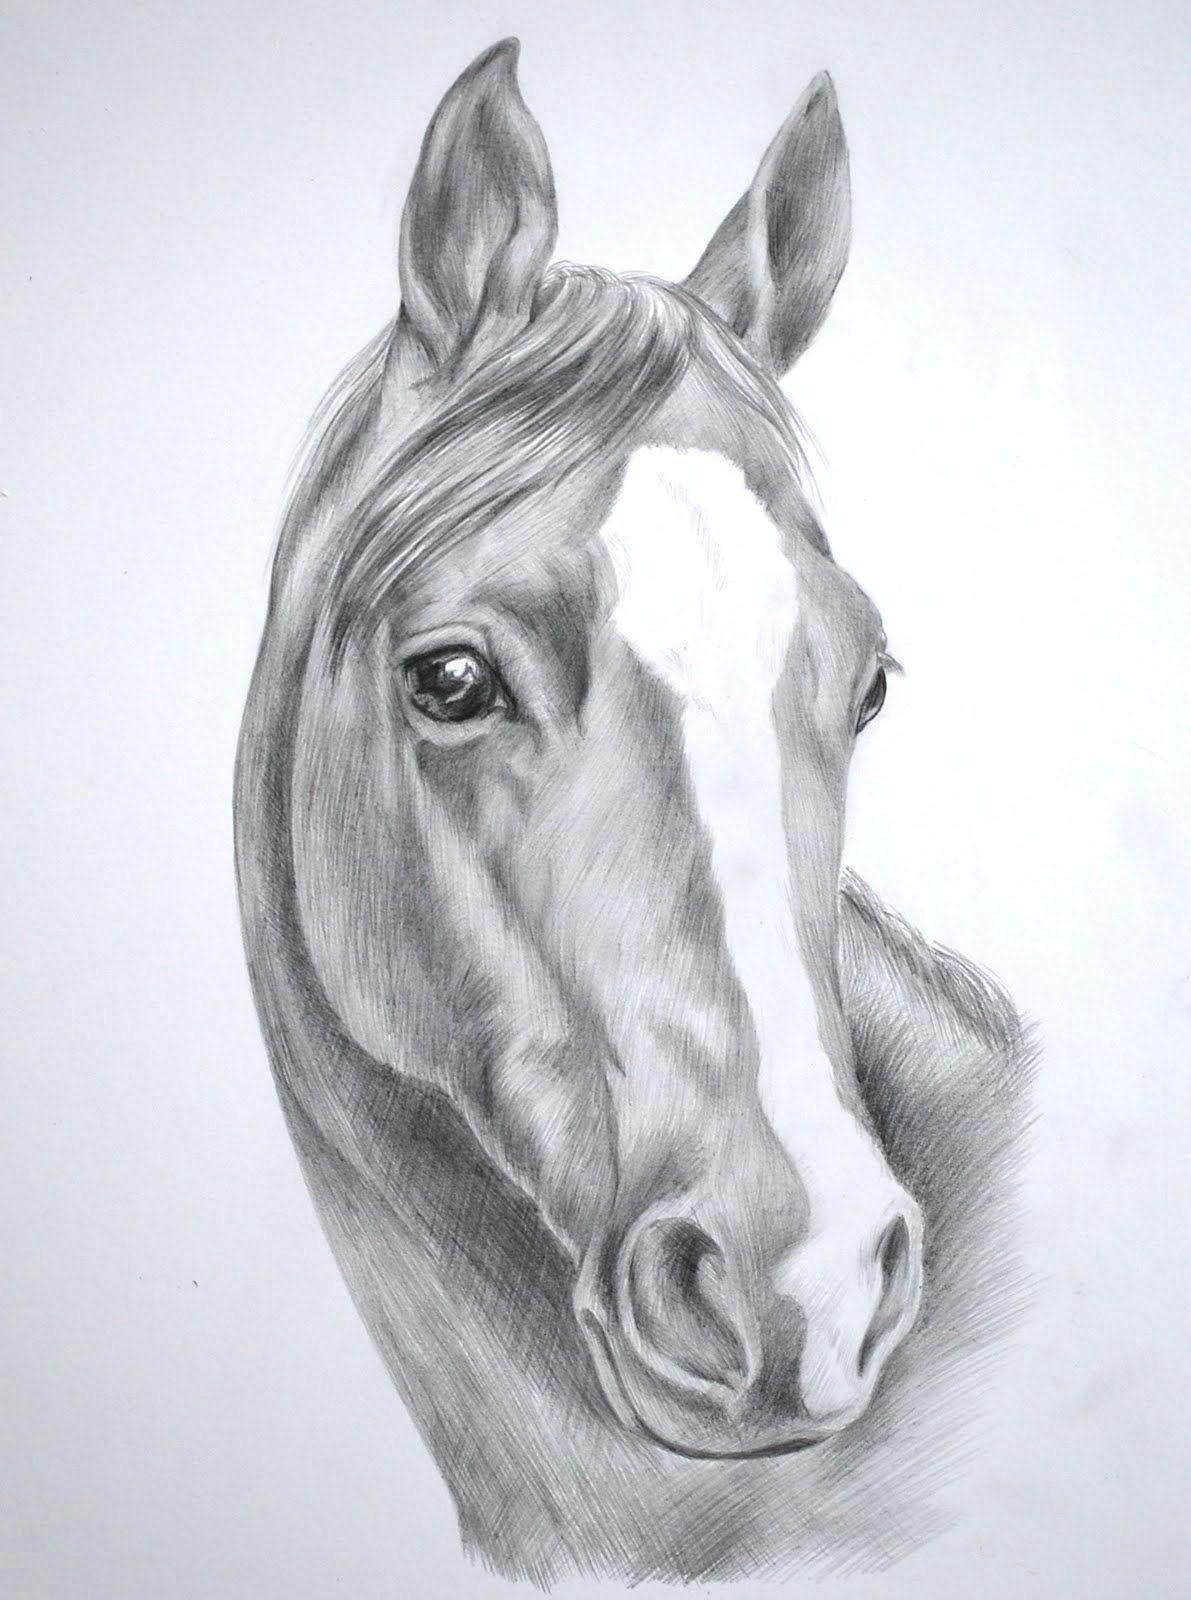 horse pencil sketches wednesday november 25 2009